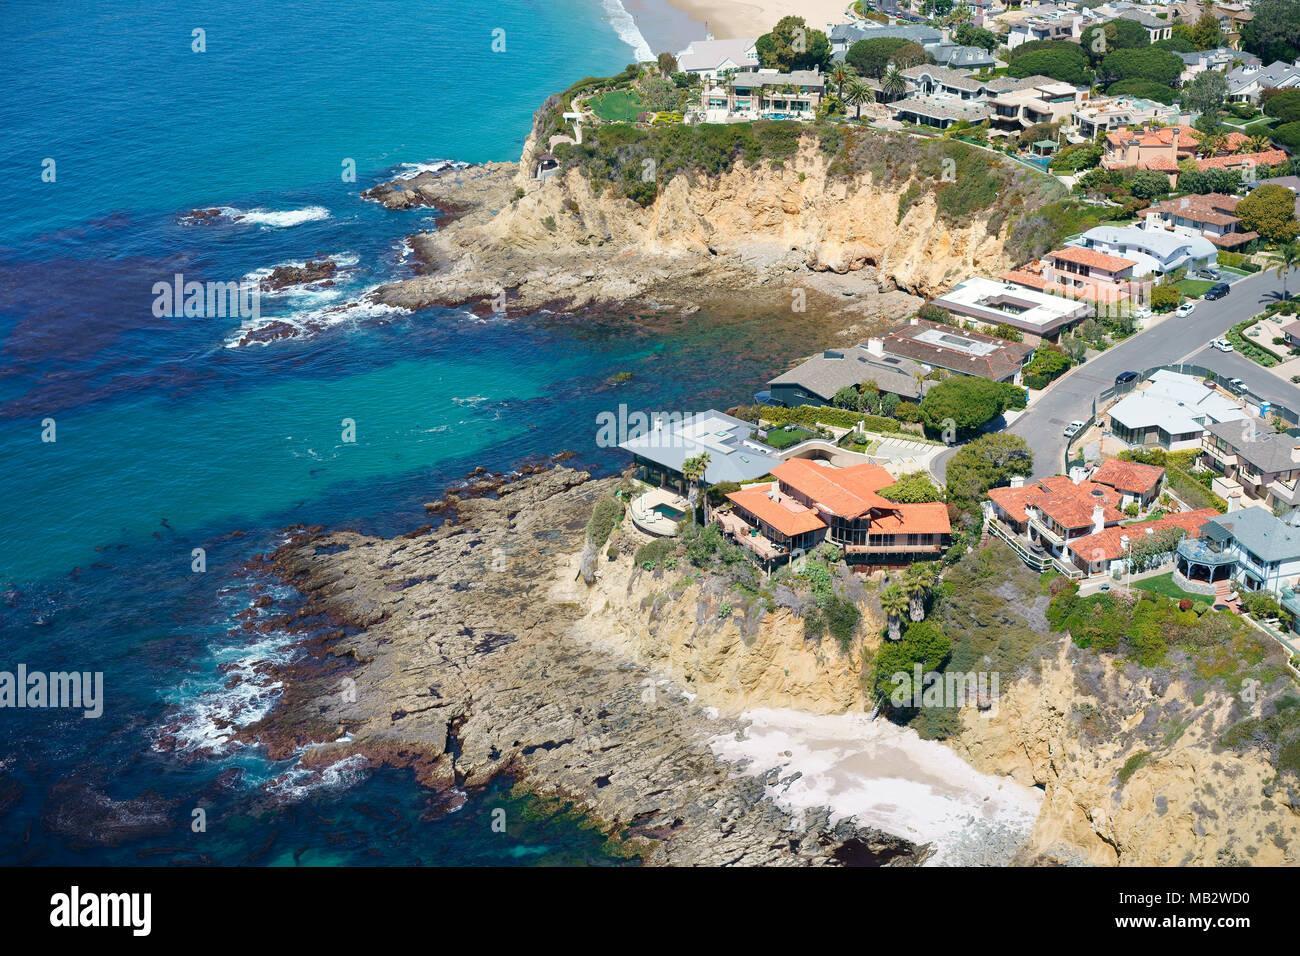 Grandi case sulla cima di una scogliera che si affaccia sull'Oceano Pacifico (vista aerea). Due punti di roccia, Laguna Beach, Orange County, California, Stati Uniti d'America. Immagini Stock